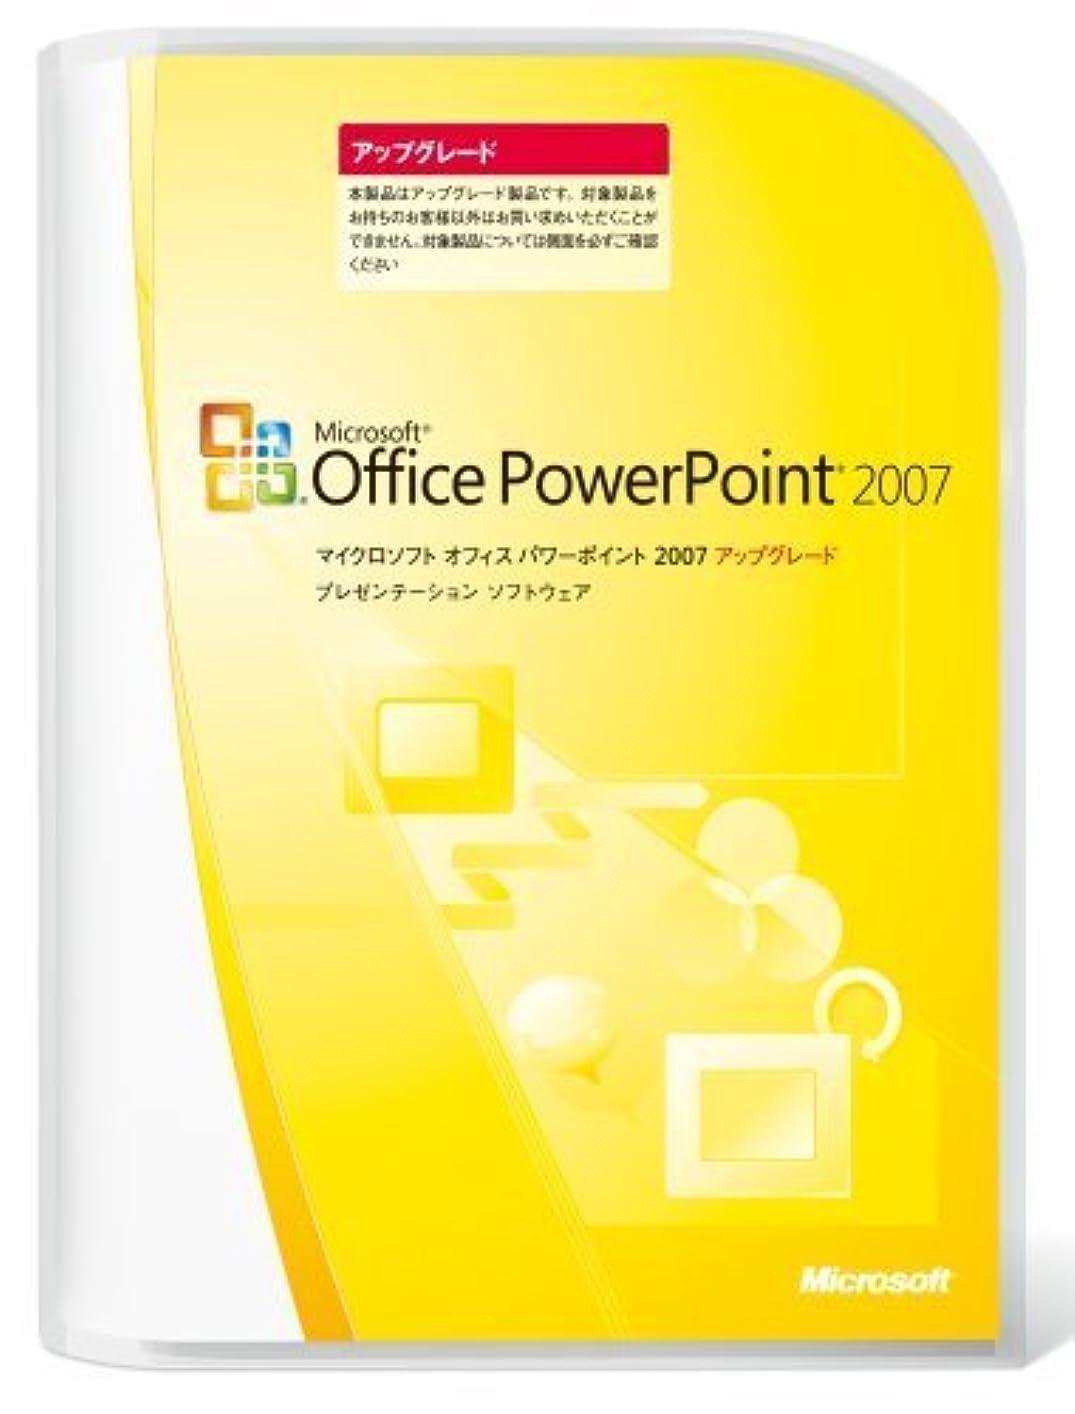 旧正月元気な古代【旧商品/メーカー出荷終了/サポート終了】Microsoft Office PowerPoint 2007 アップグレード